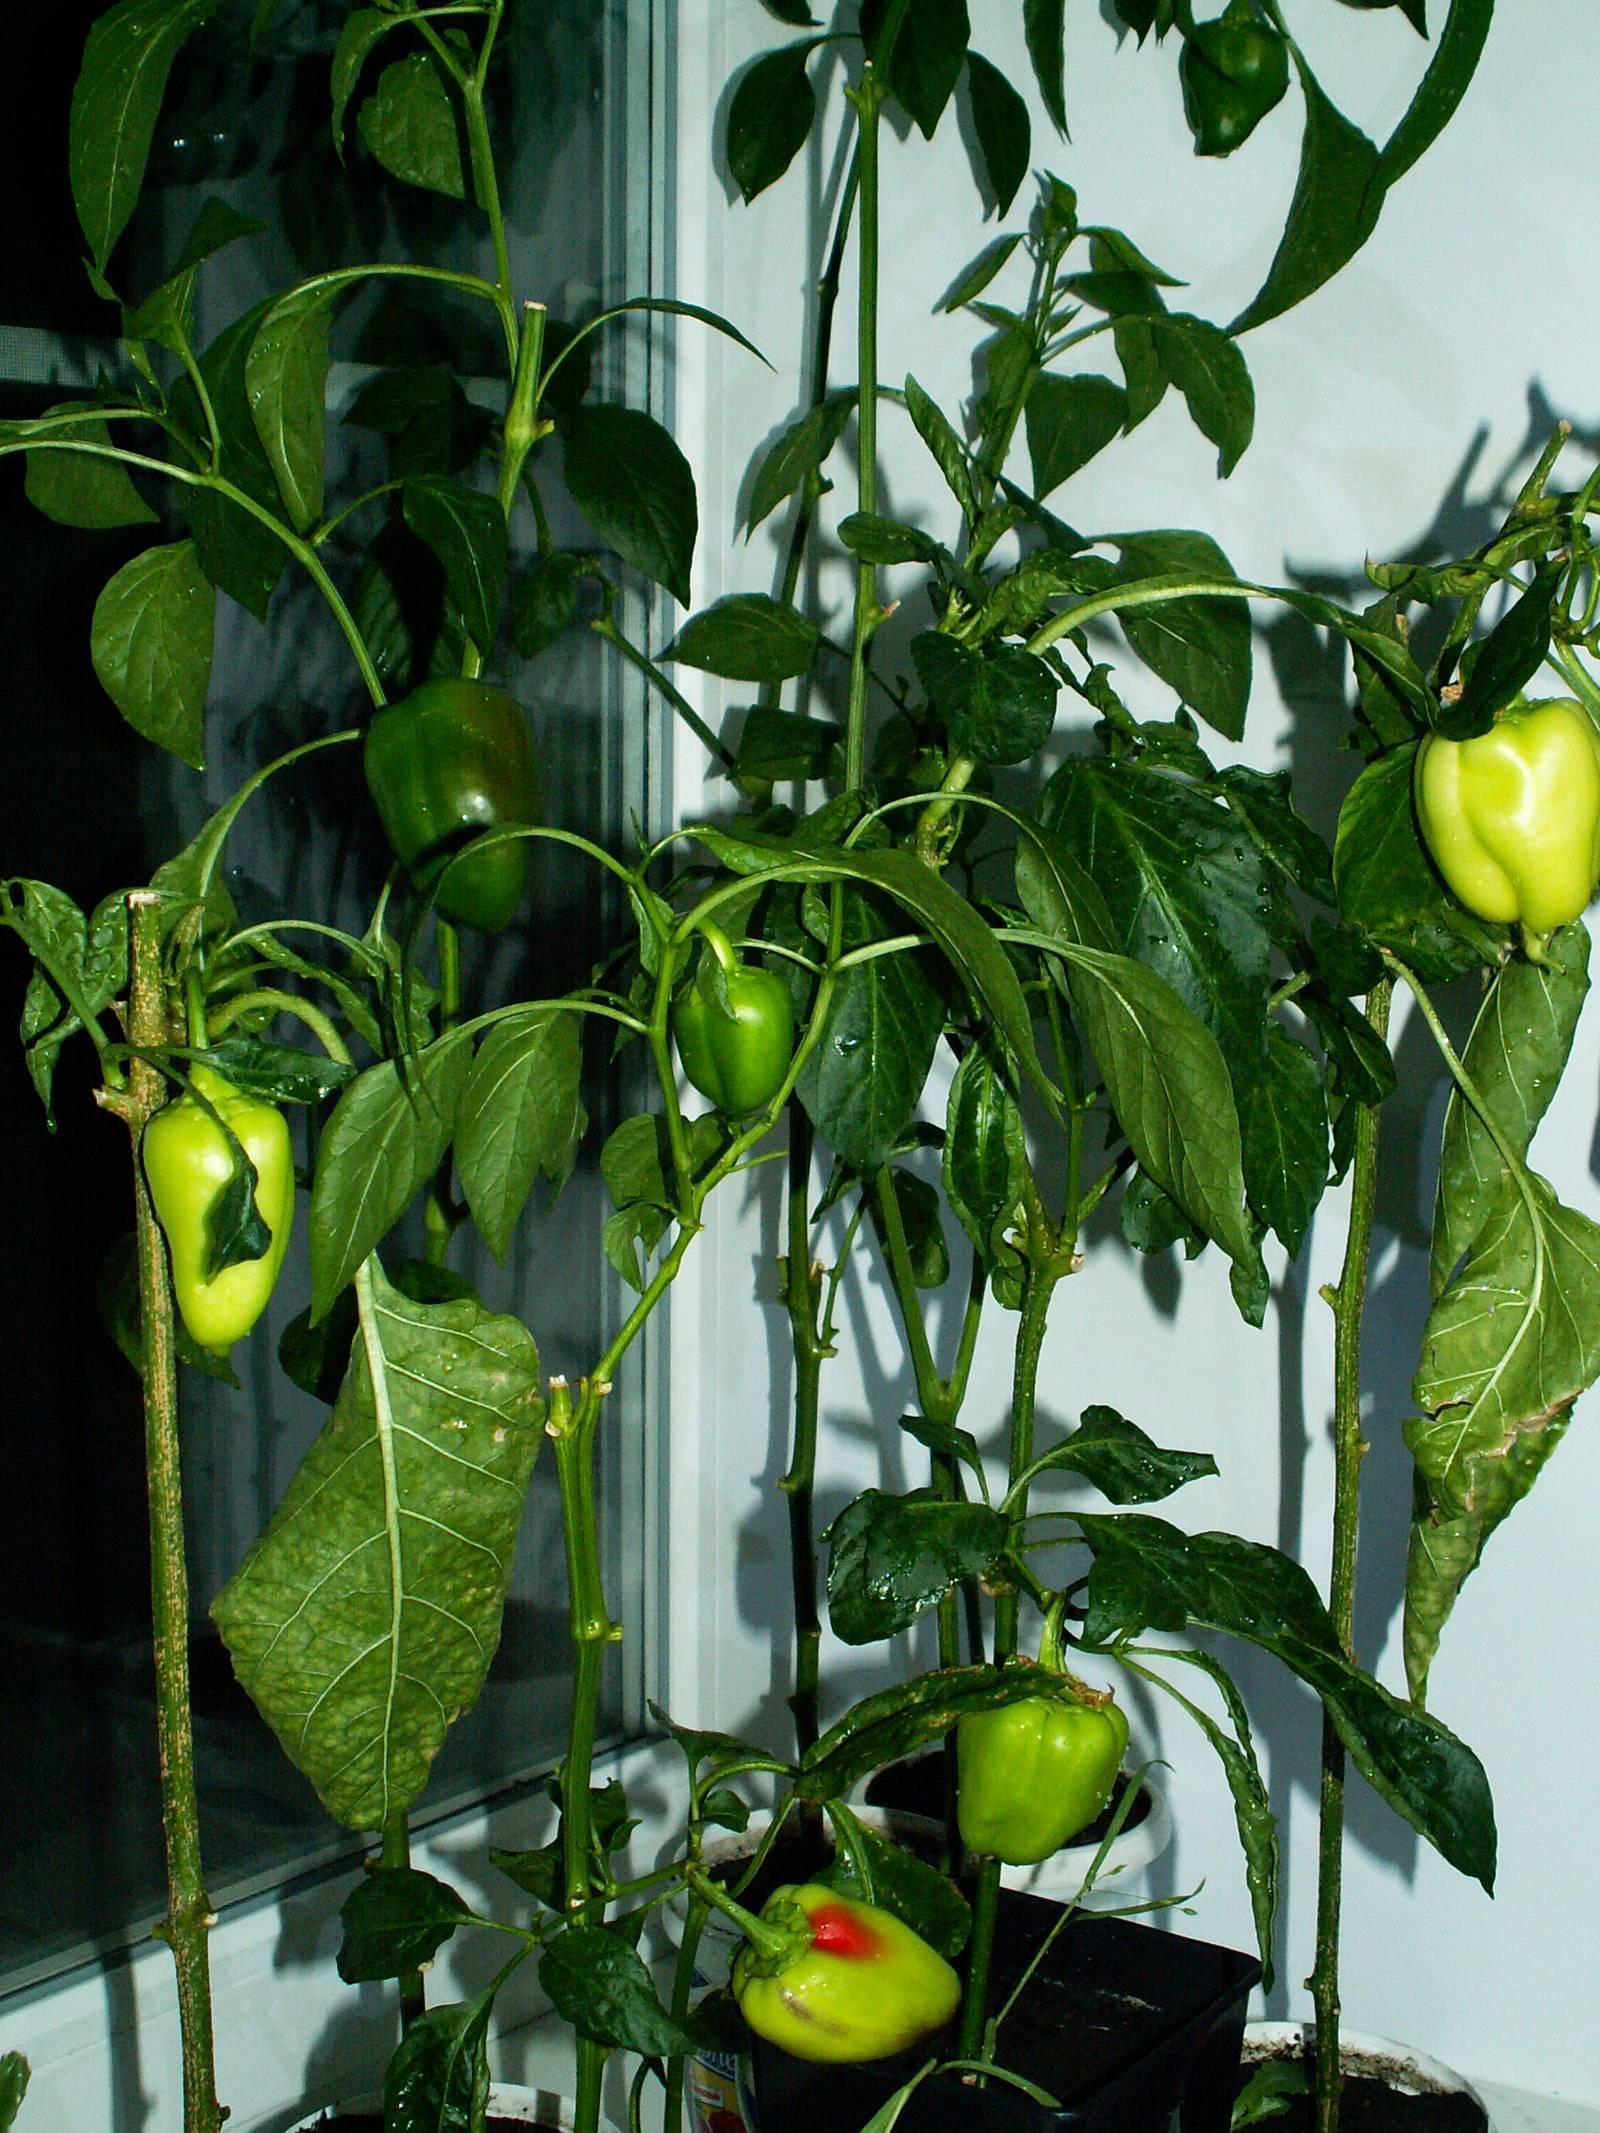 Как вырастить перец дома на подоконнике: пошаговая инструкция